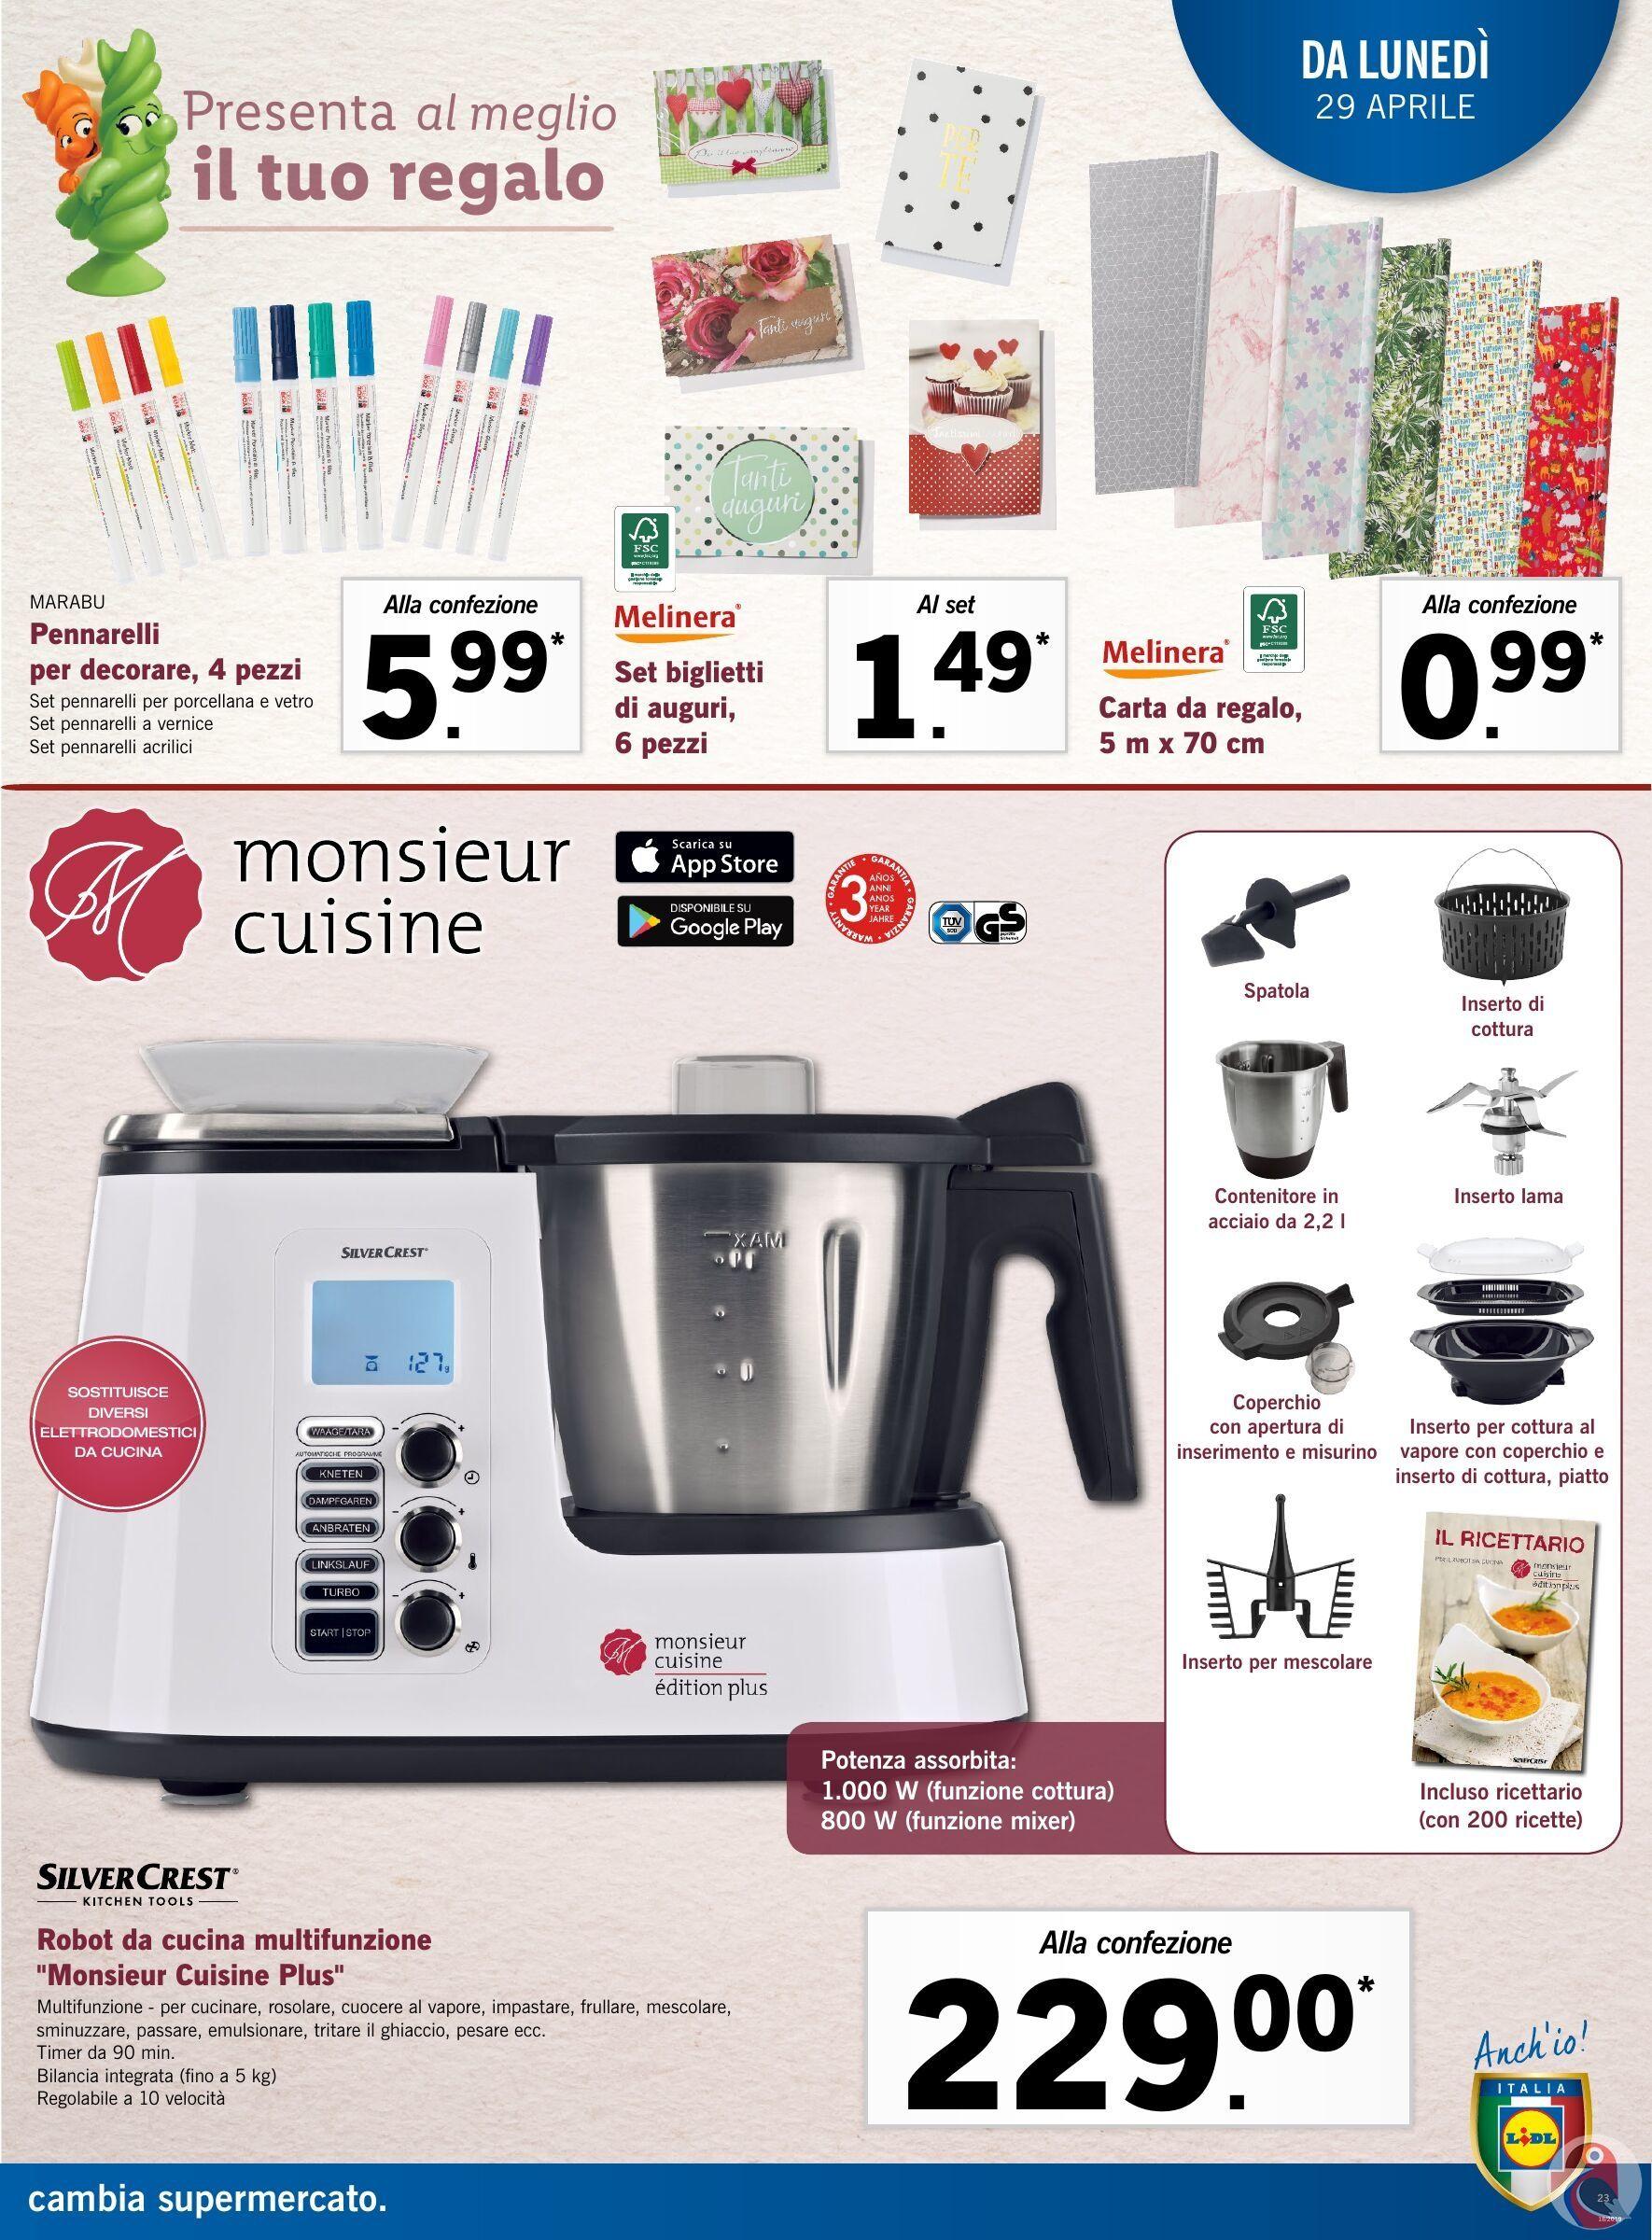 Monsieur Cuisine Plus Nel Nuovo Volantino Lidl Di Maggio 2019 Lidl Volantini Robot Da Cucina